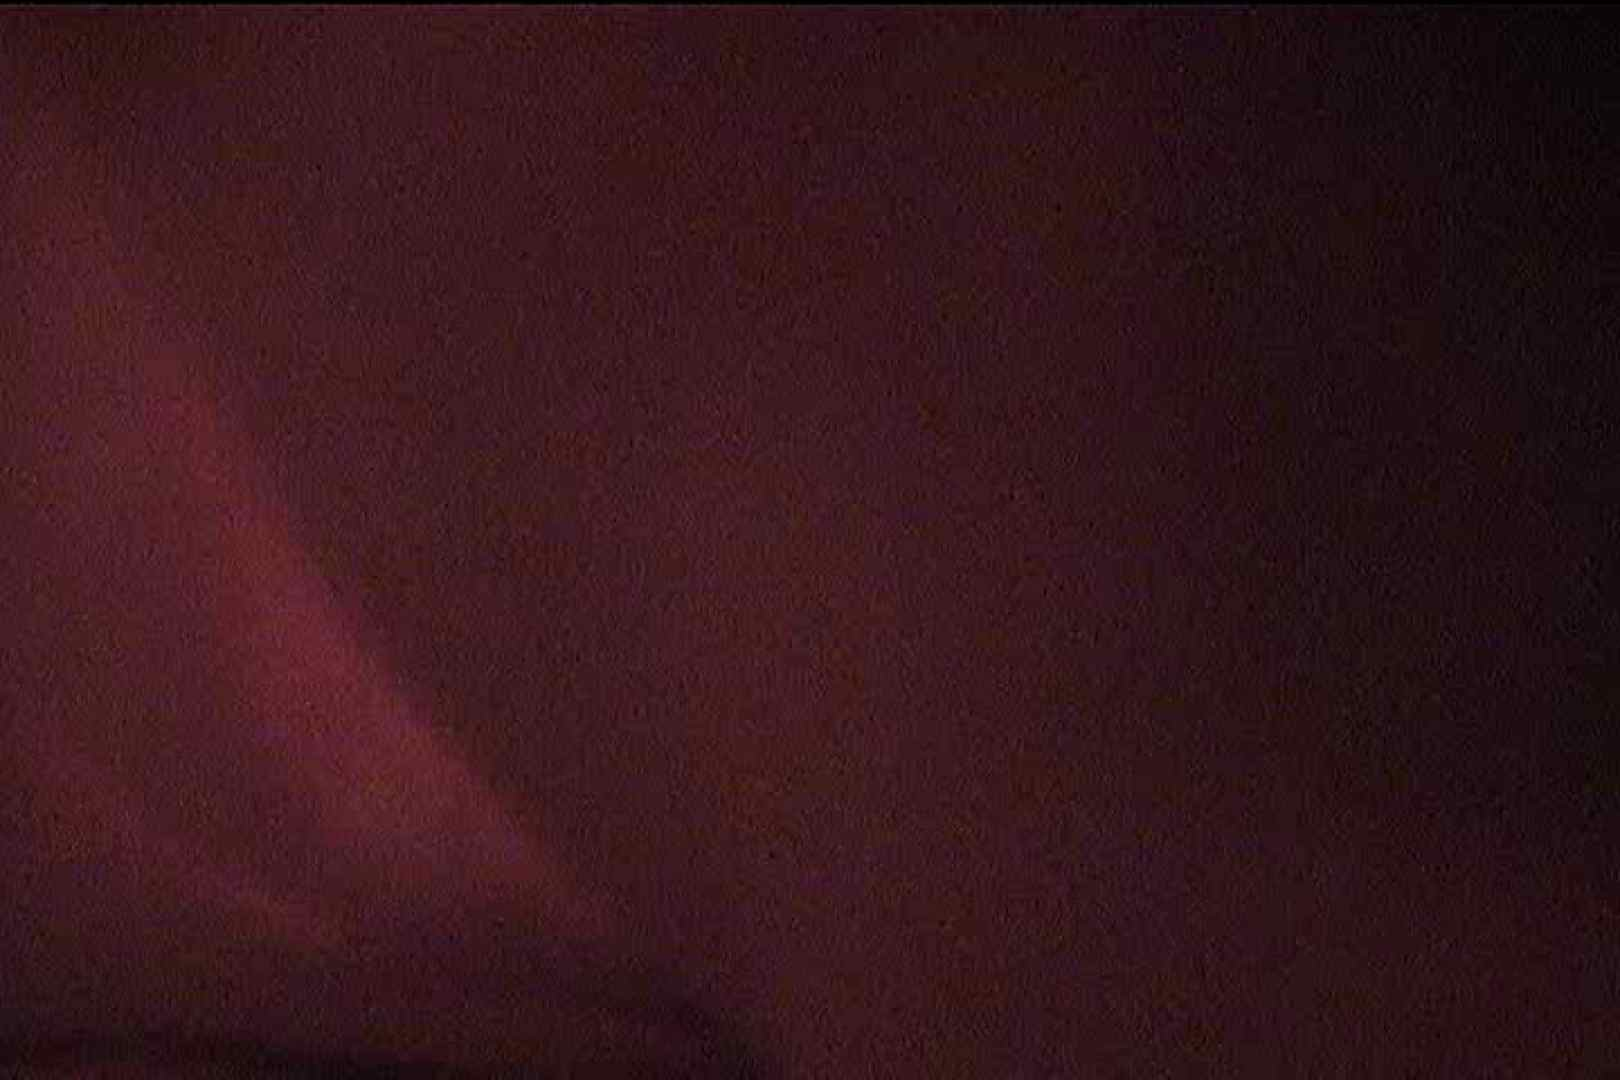 いっくんの調教シリーズ 「函館の女20歳 みゆ」&「ナース25歳ちさと」 ナースのヌード  102画像 26